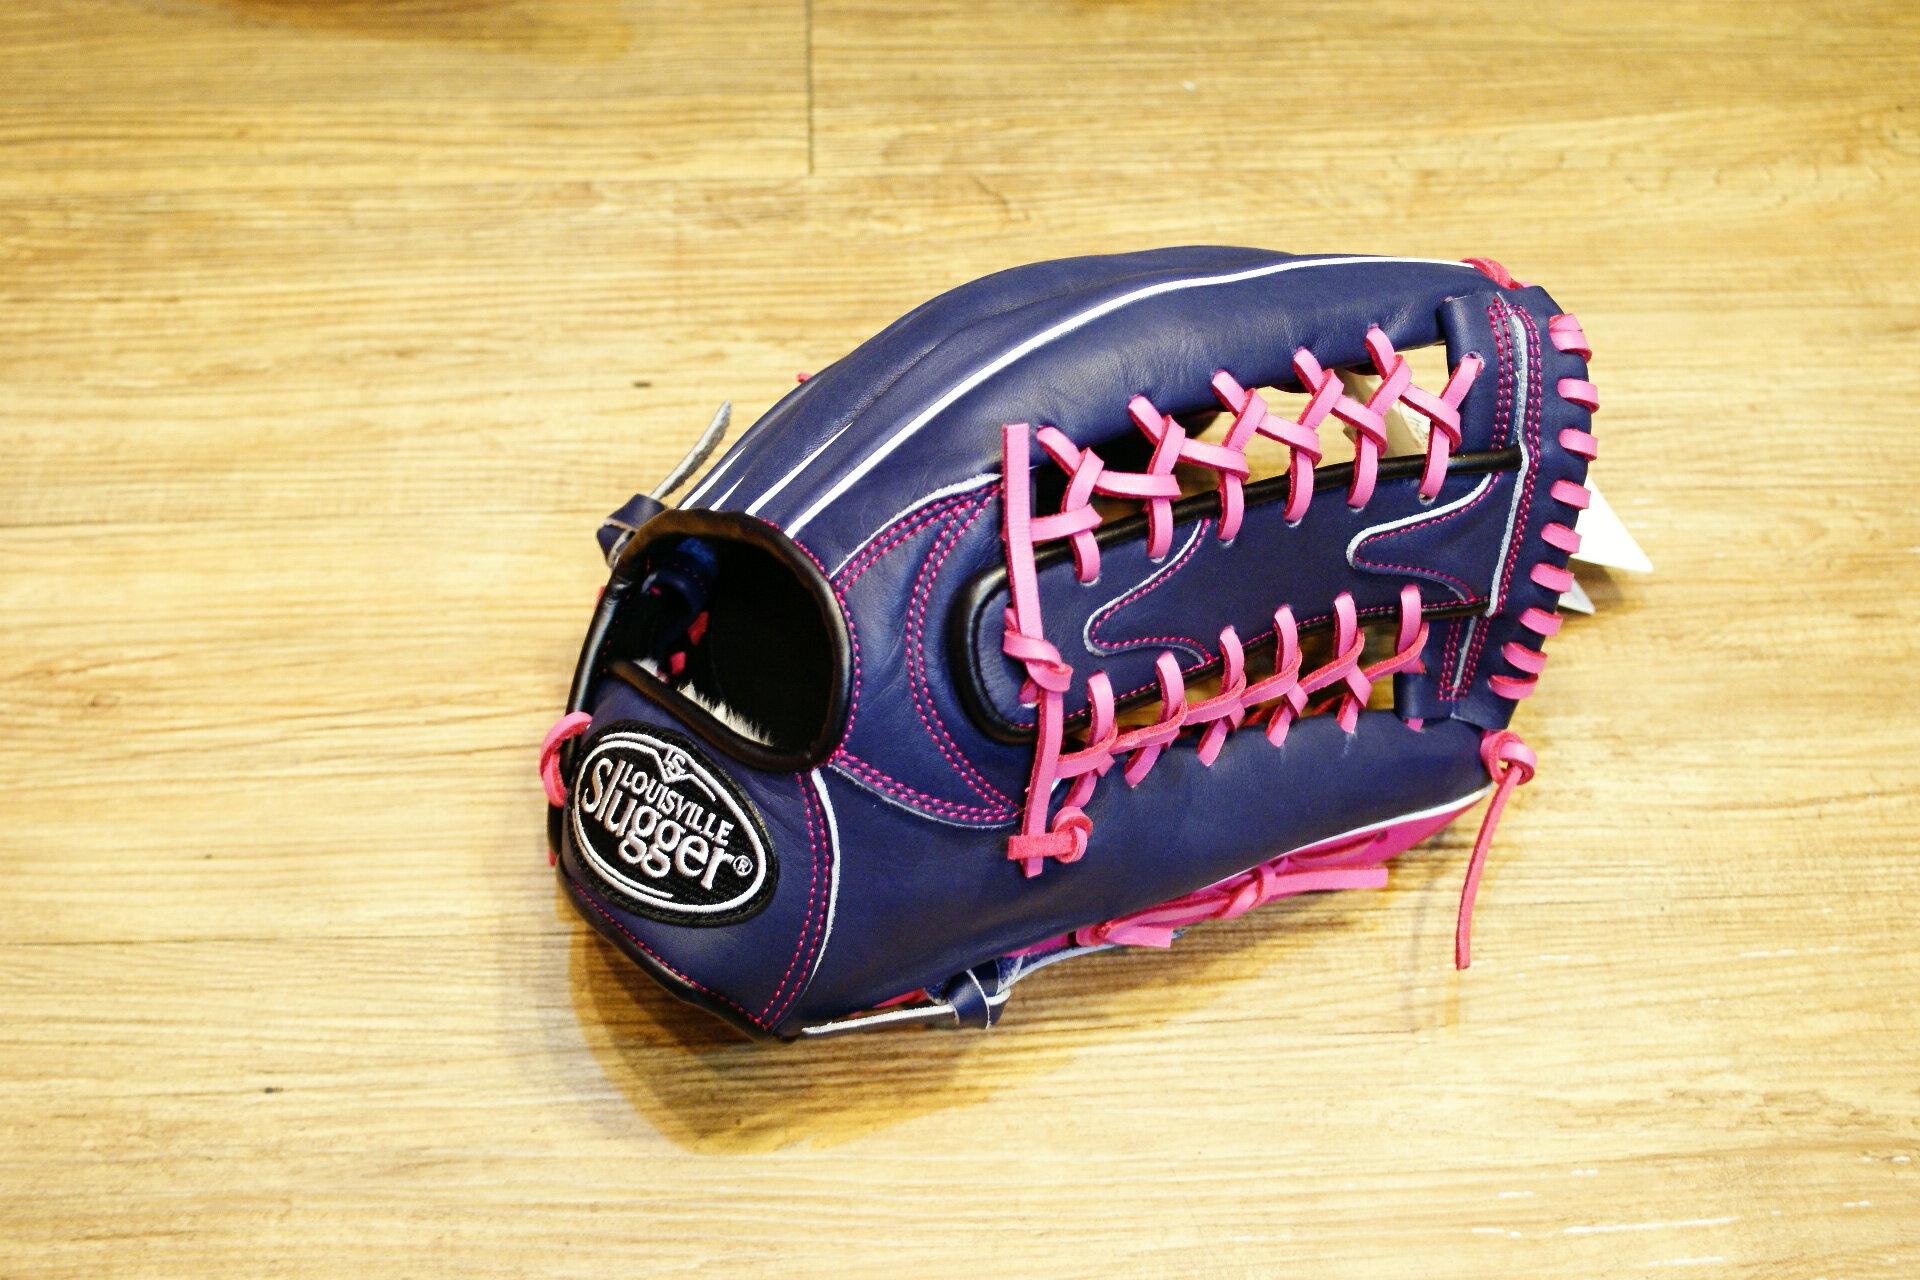 棒球世界 路易士Louisville Slugger (TPX) X Remix 牛皮棒球手套 特價 外野T網深藍粉配色